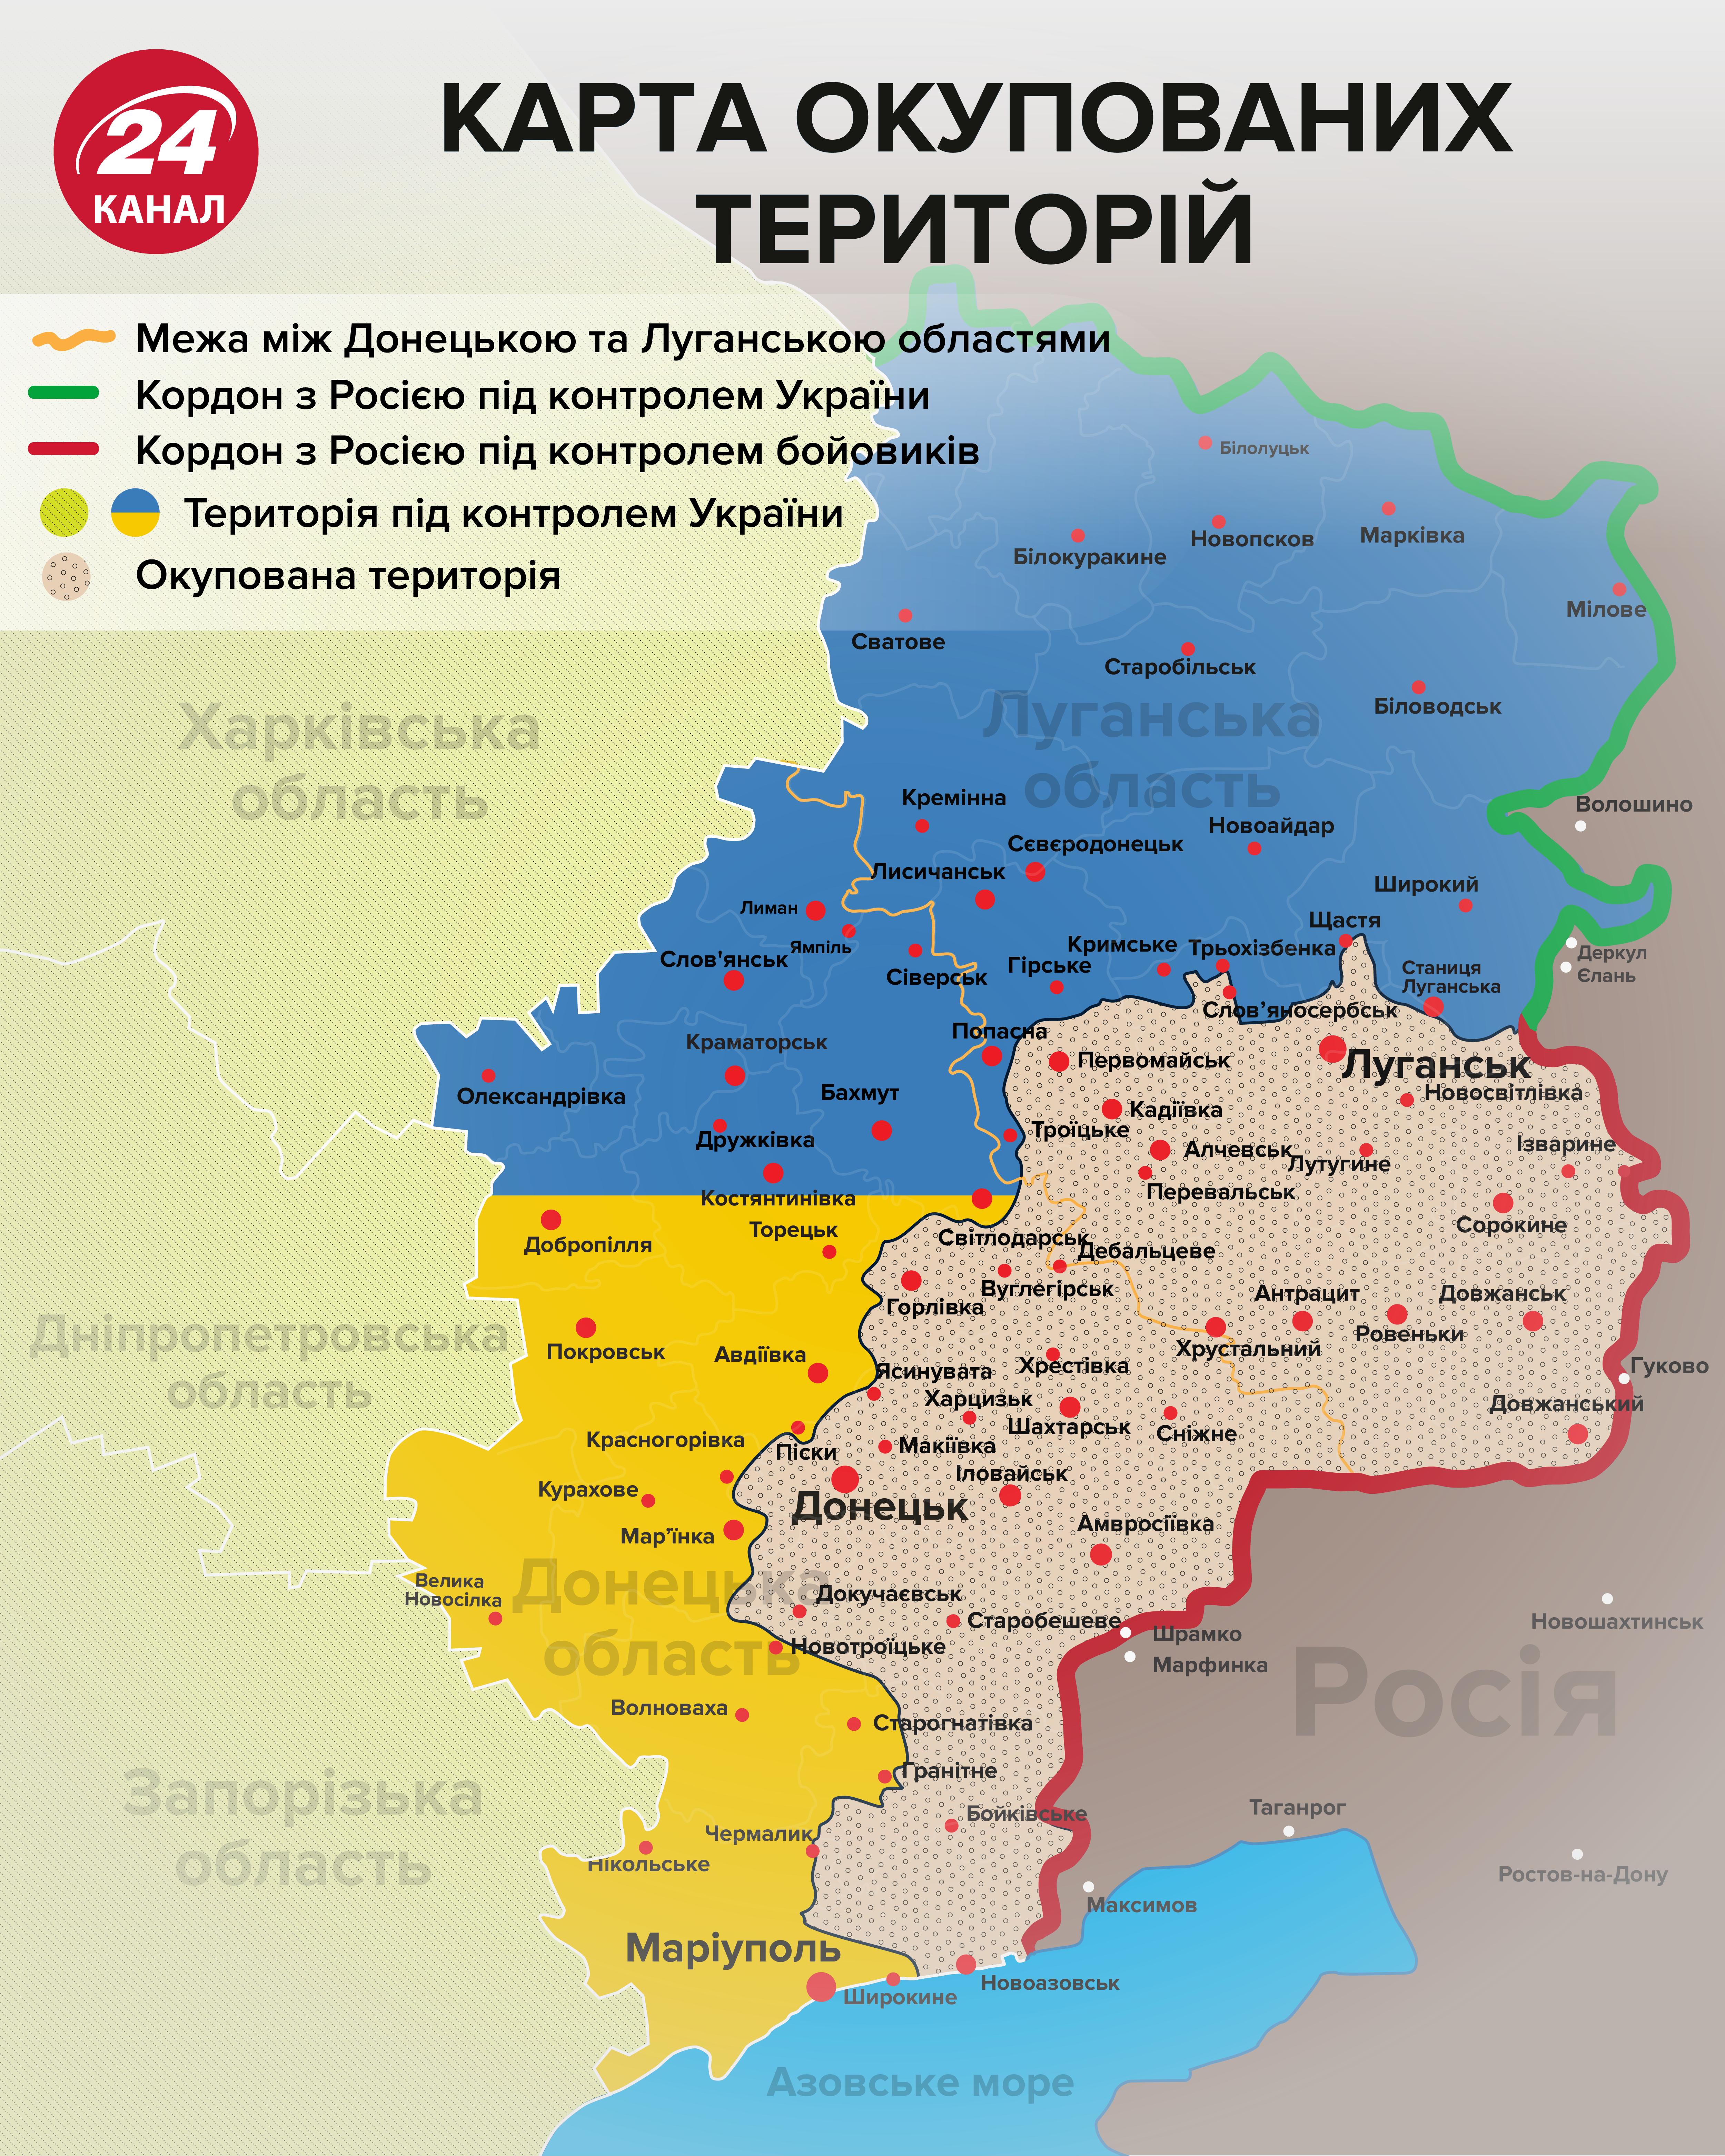 карта окупованих територій Донбасу ОРДЛО мапа